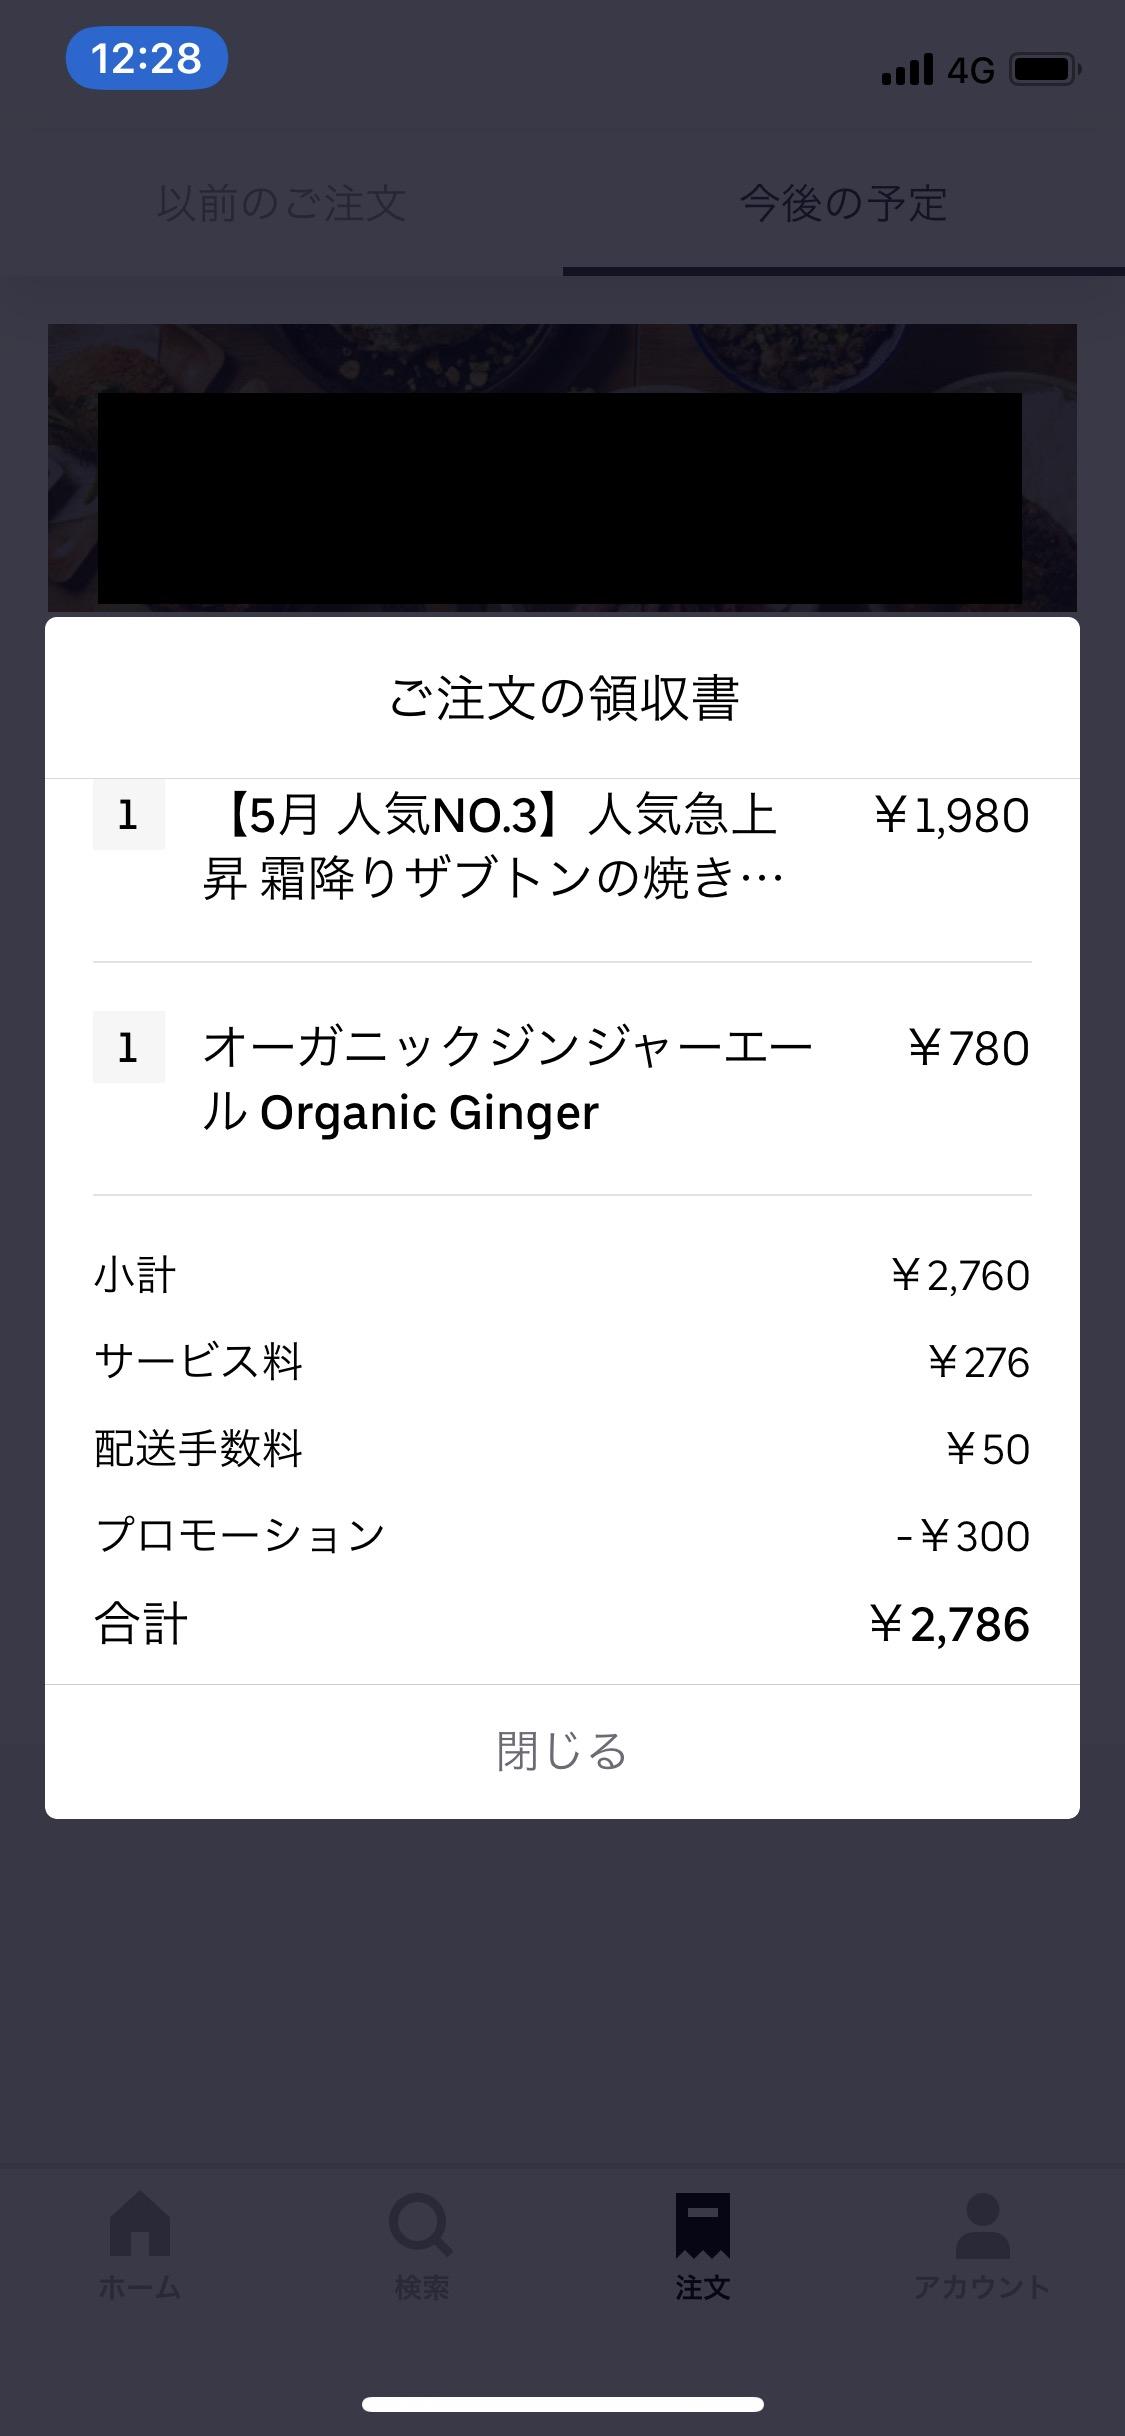 【画像】ワイまたウーバーイーツで昼食に2700円使ってしまう